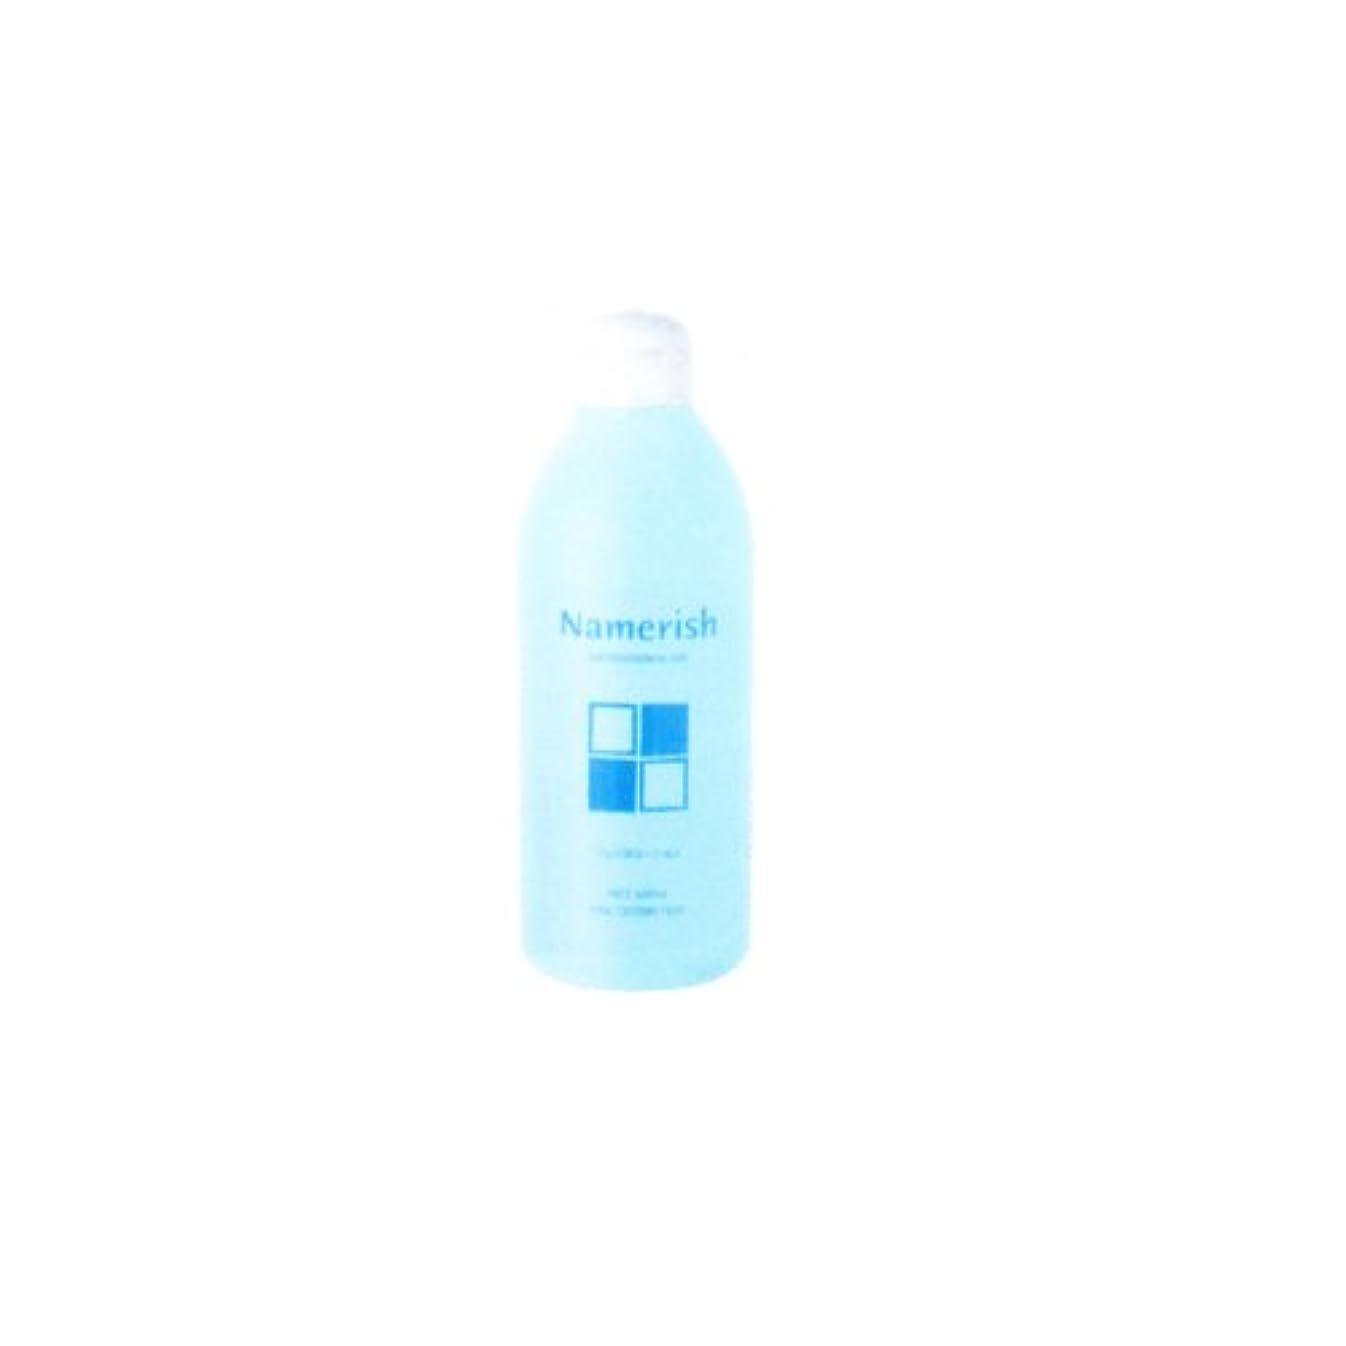 廃棄する有害な割れ目ファイン ナメリッシュ(収れん性化粧水)